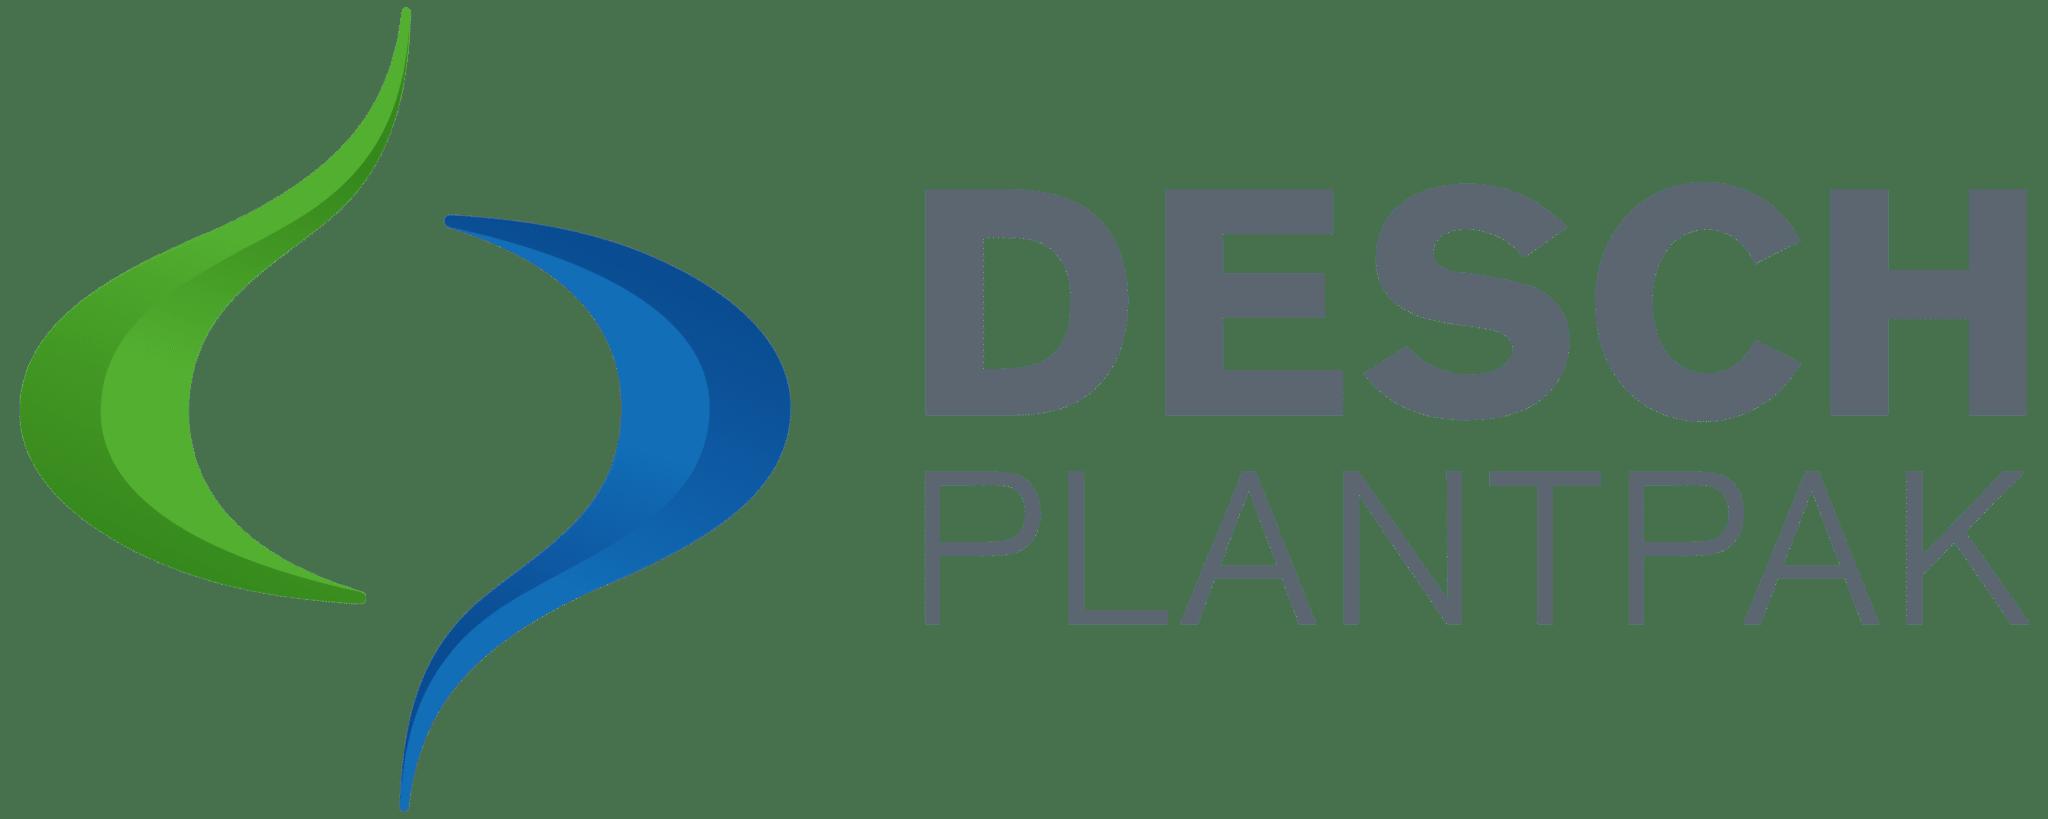 logo-desch-plantpak